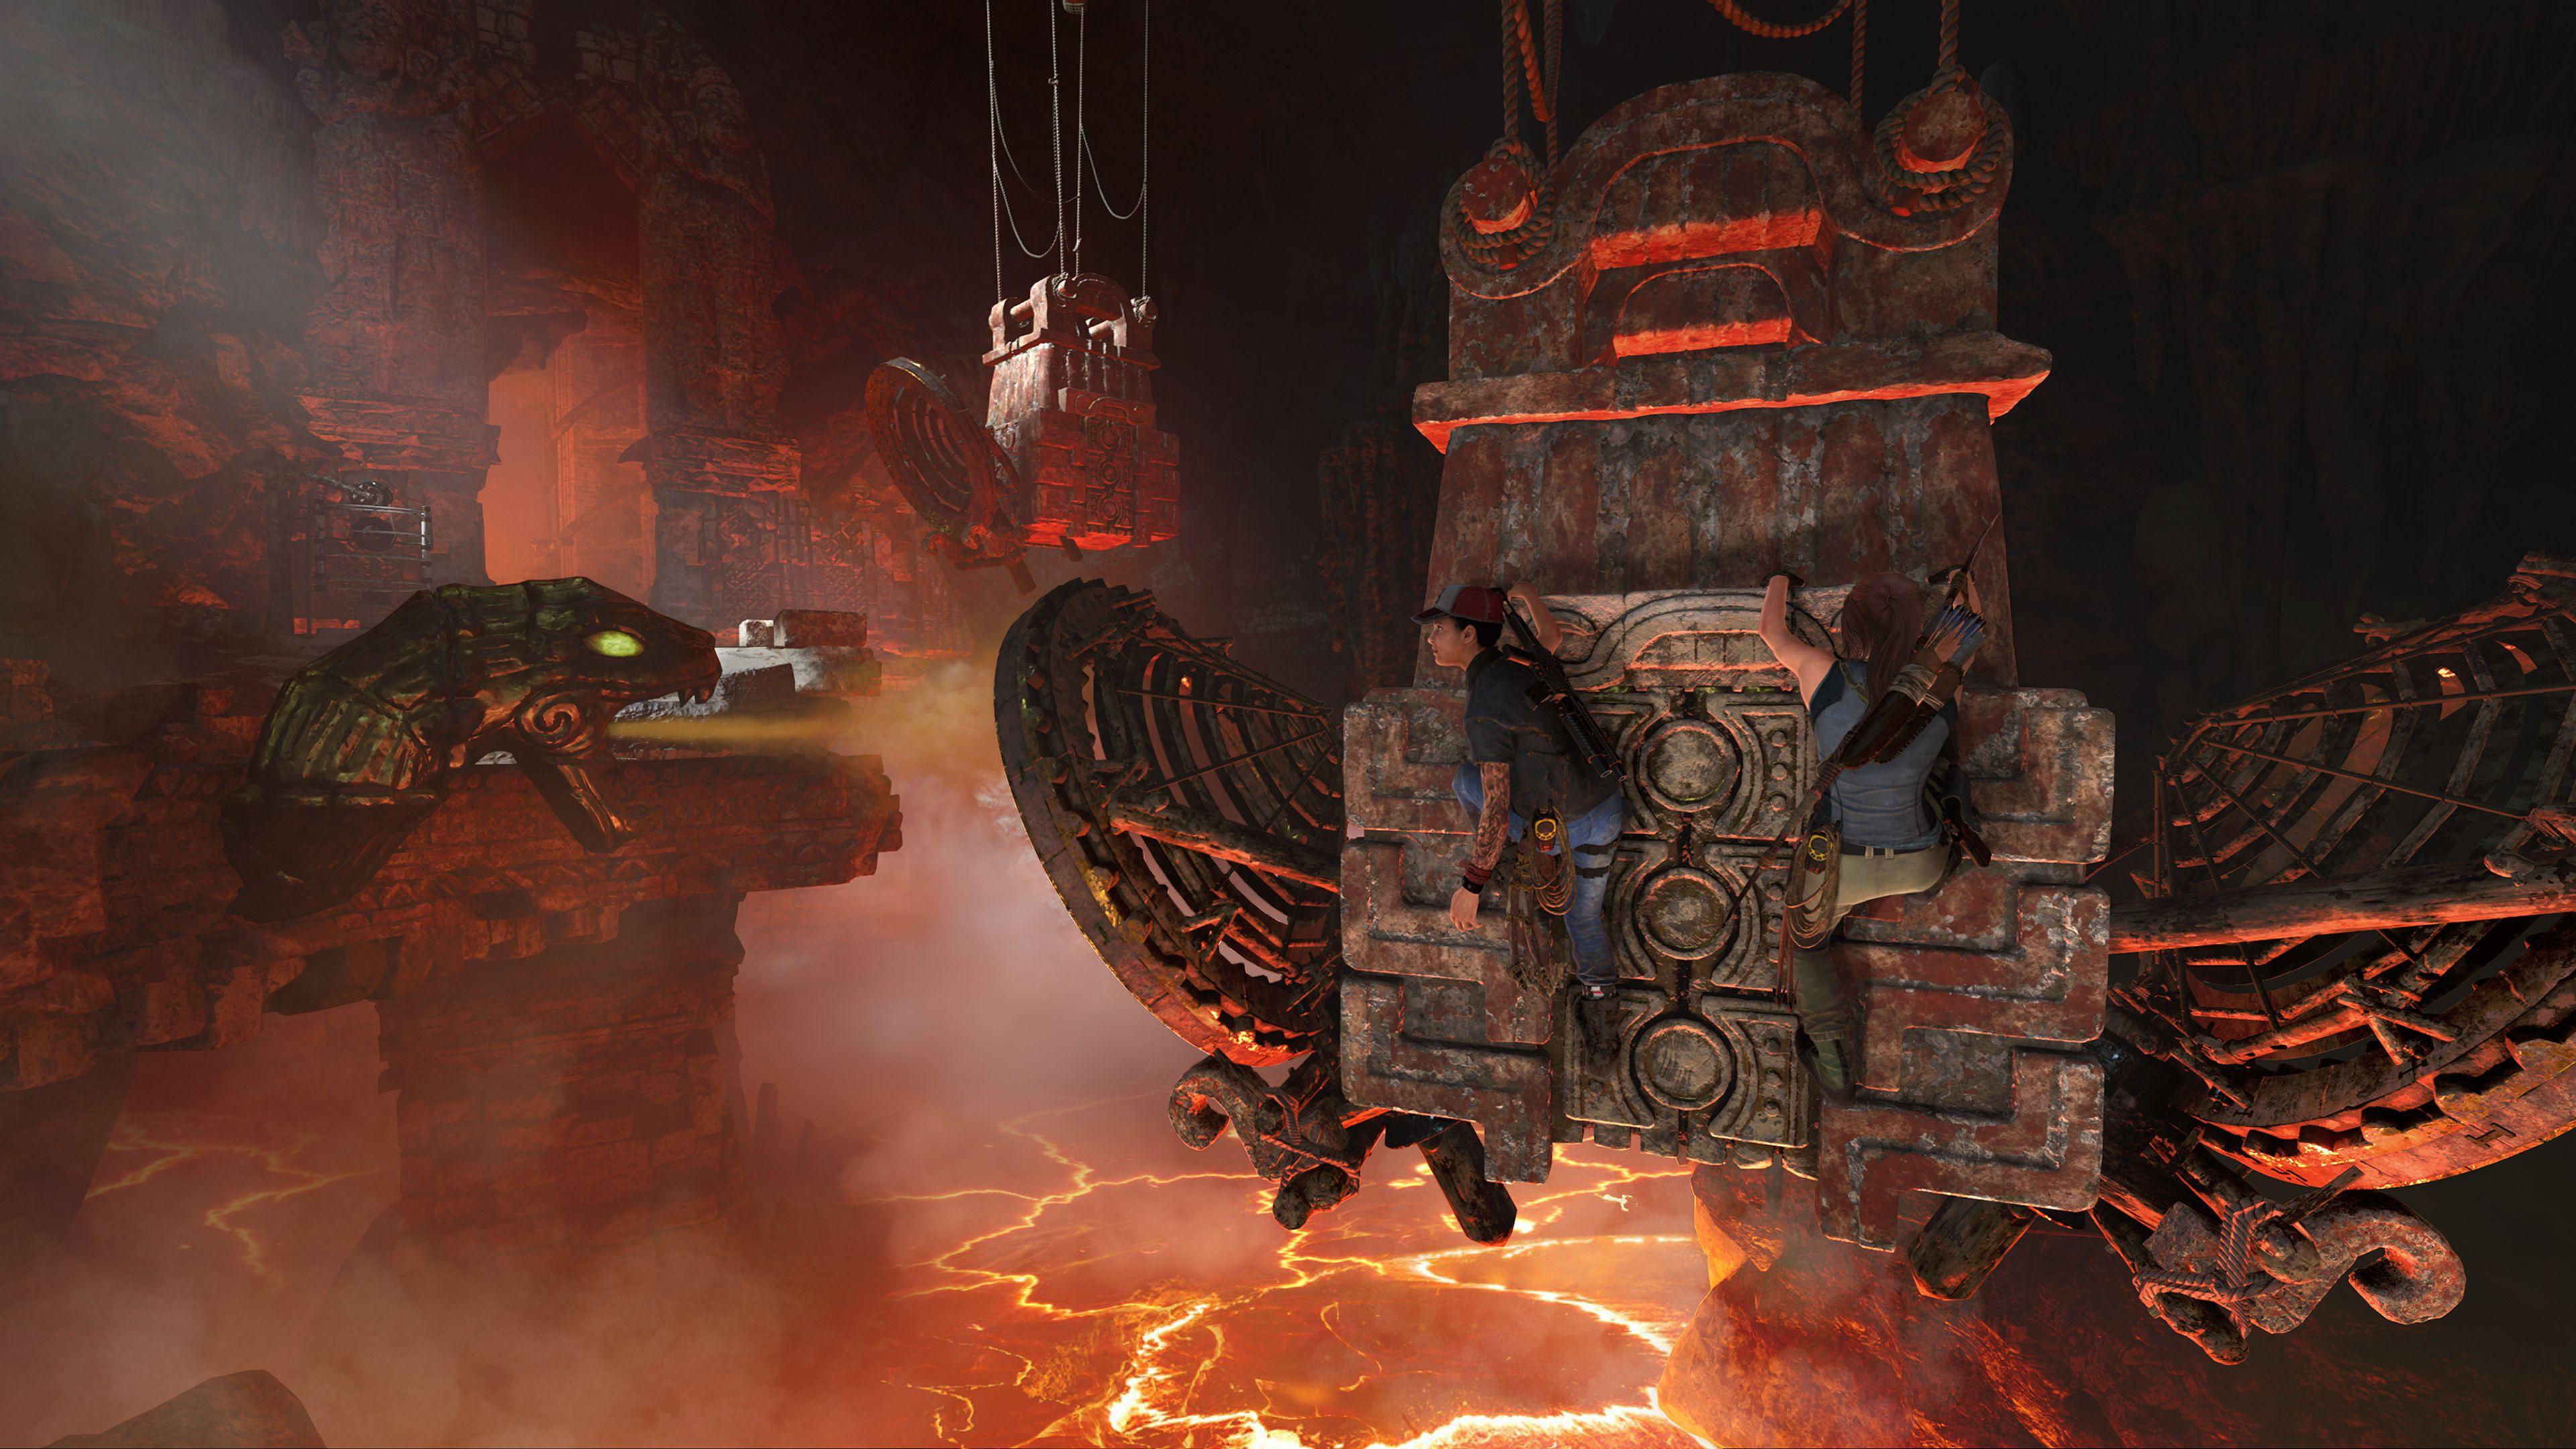 《古墓丽影:暗影》DLC熔炉新视频 11月13日正式上线